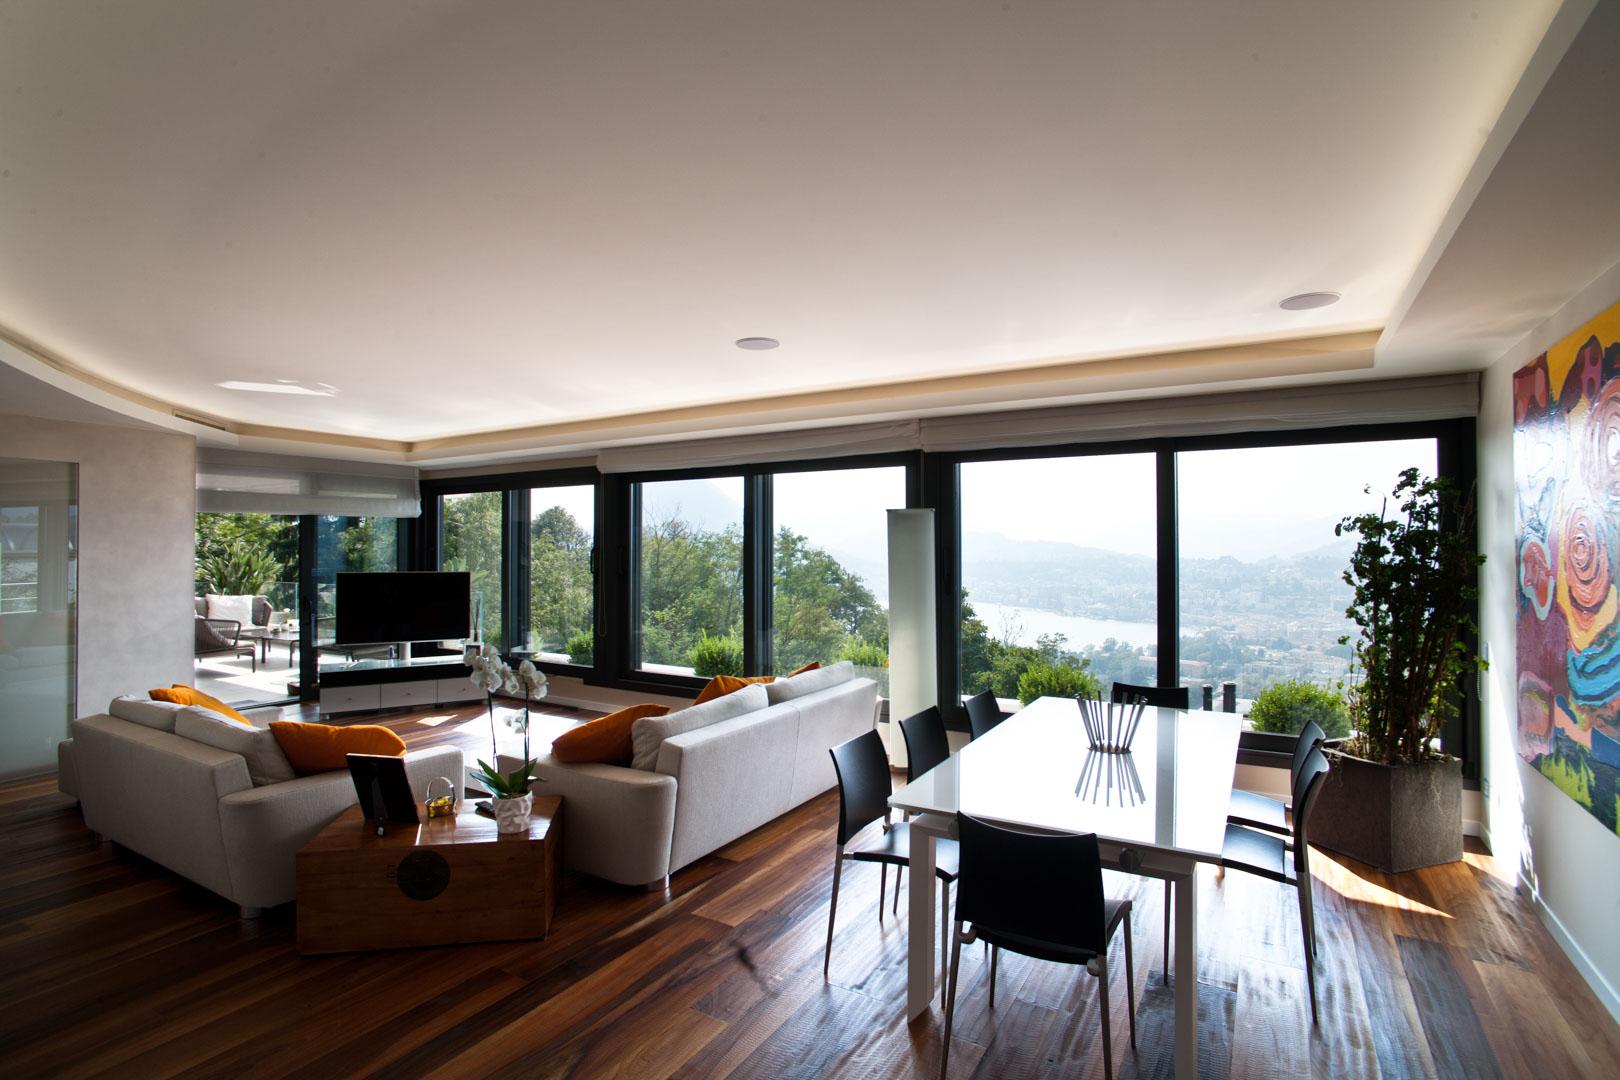 Svizzera 2 servizio fotografico di interni arredamento for Interni e design